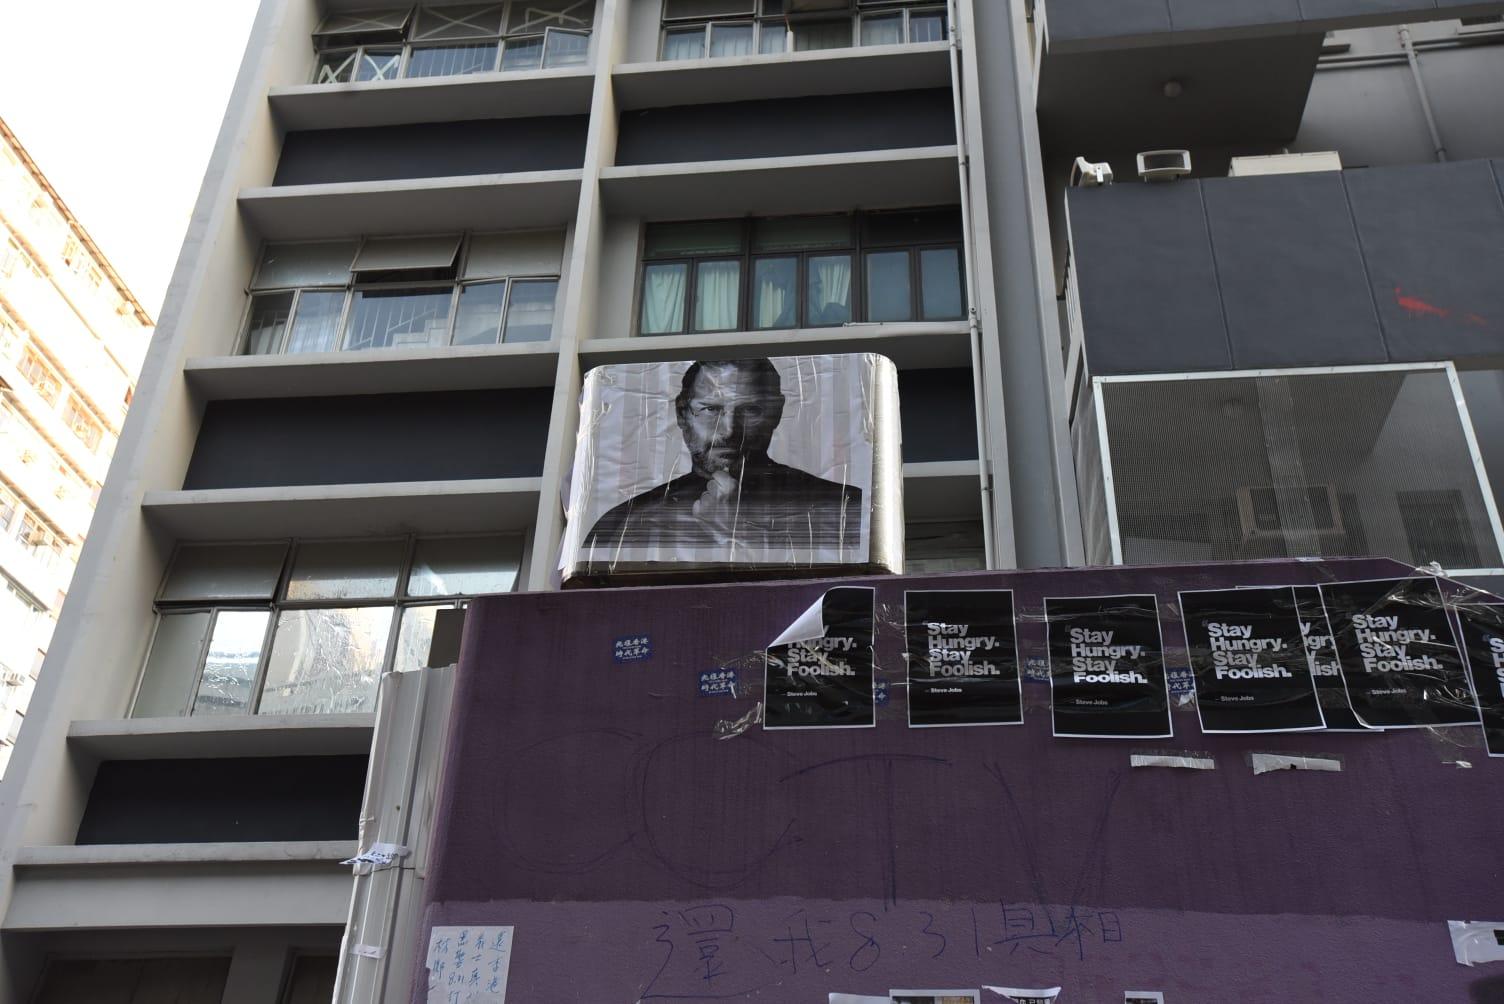 太子站出口港鐵標誌被人貼上喬布斯相片。